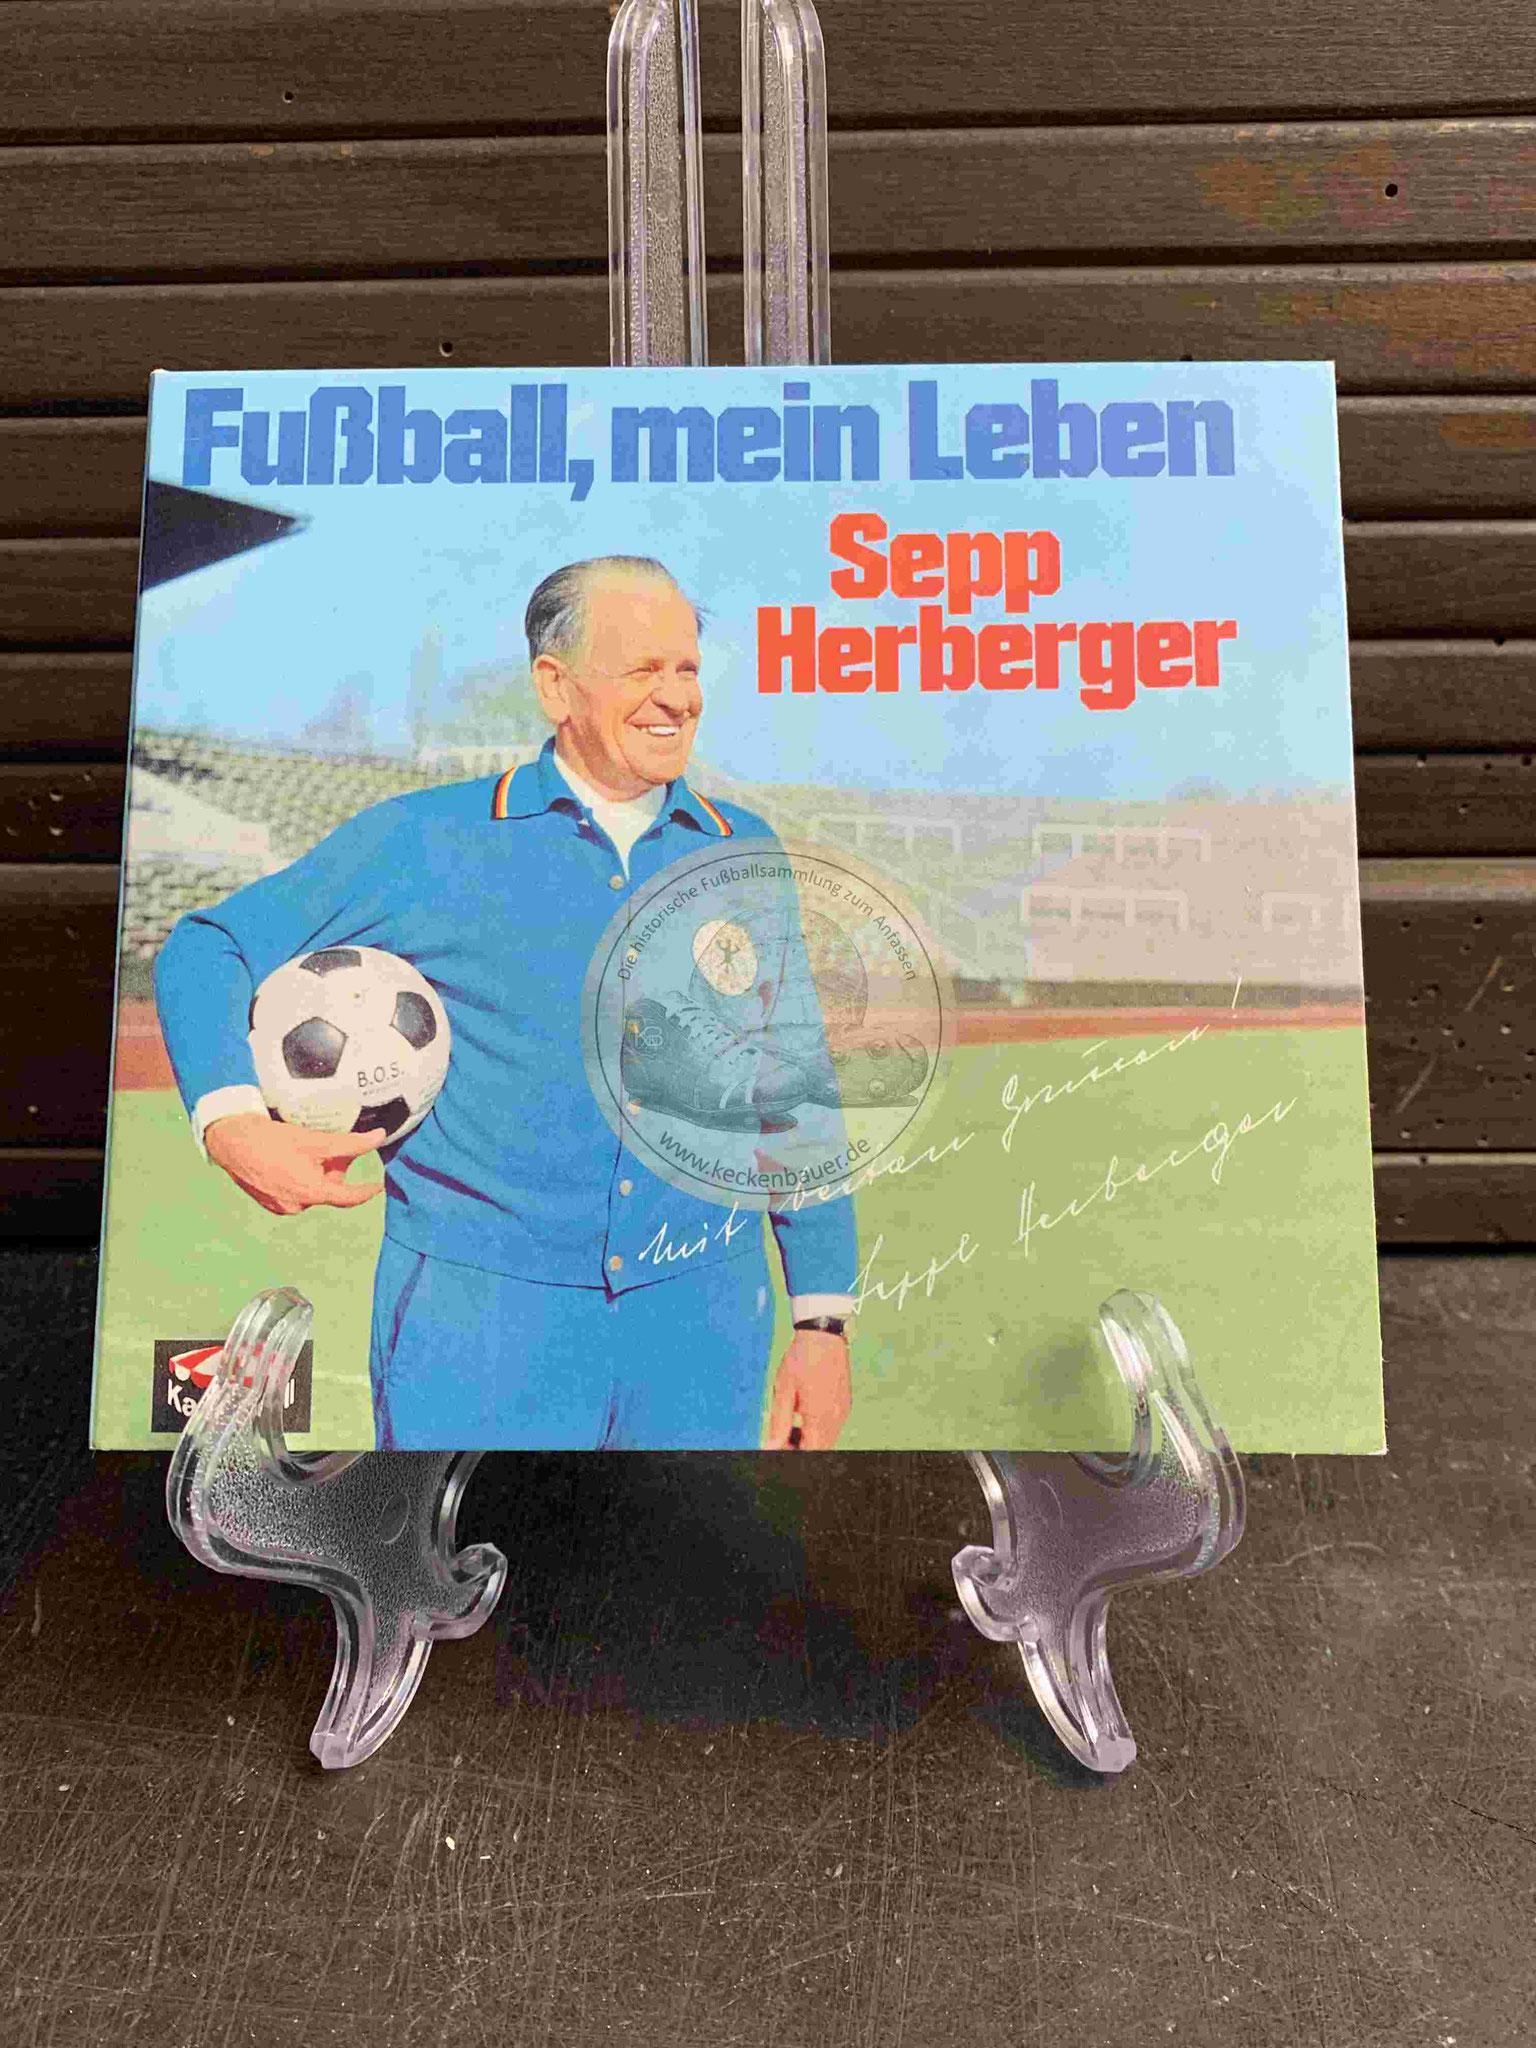 2006 Fußball, mein Leben Sepp Herberger